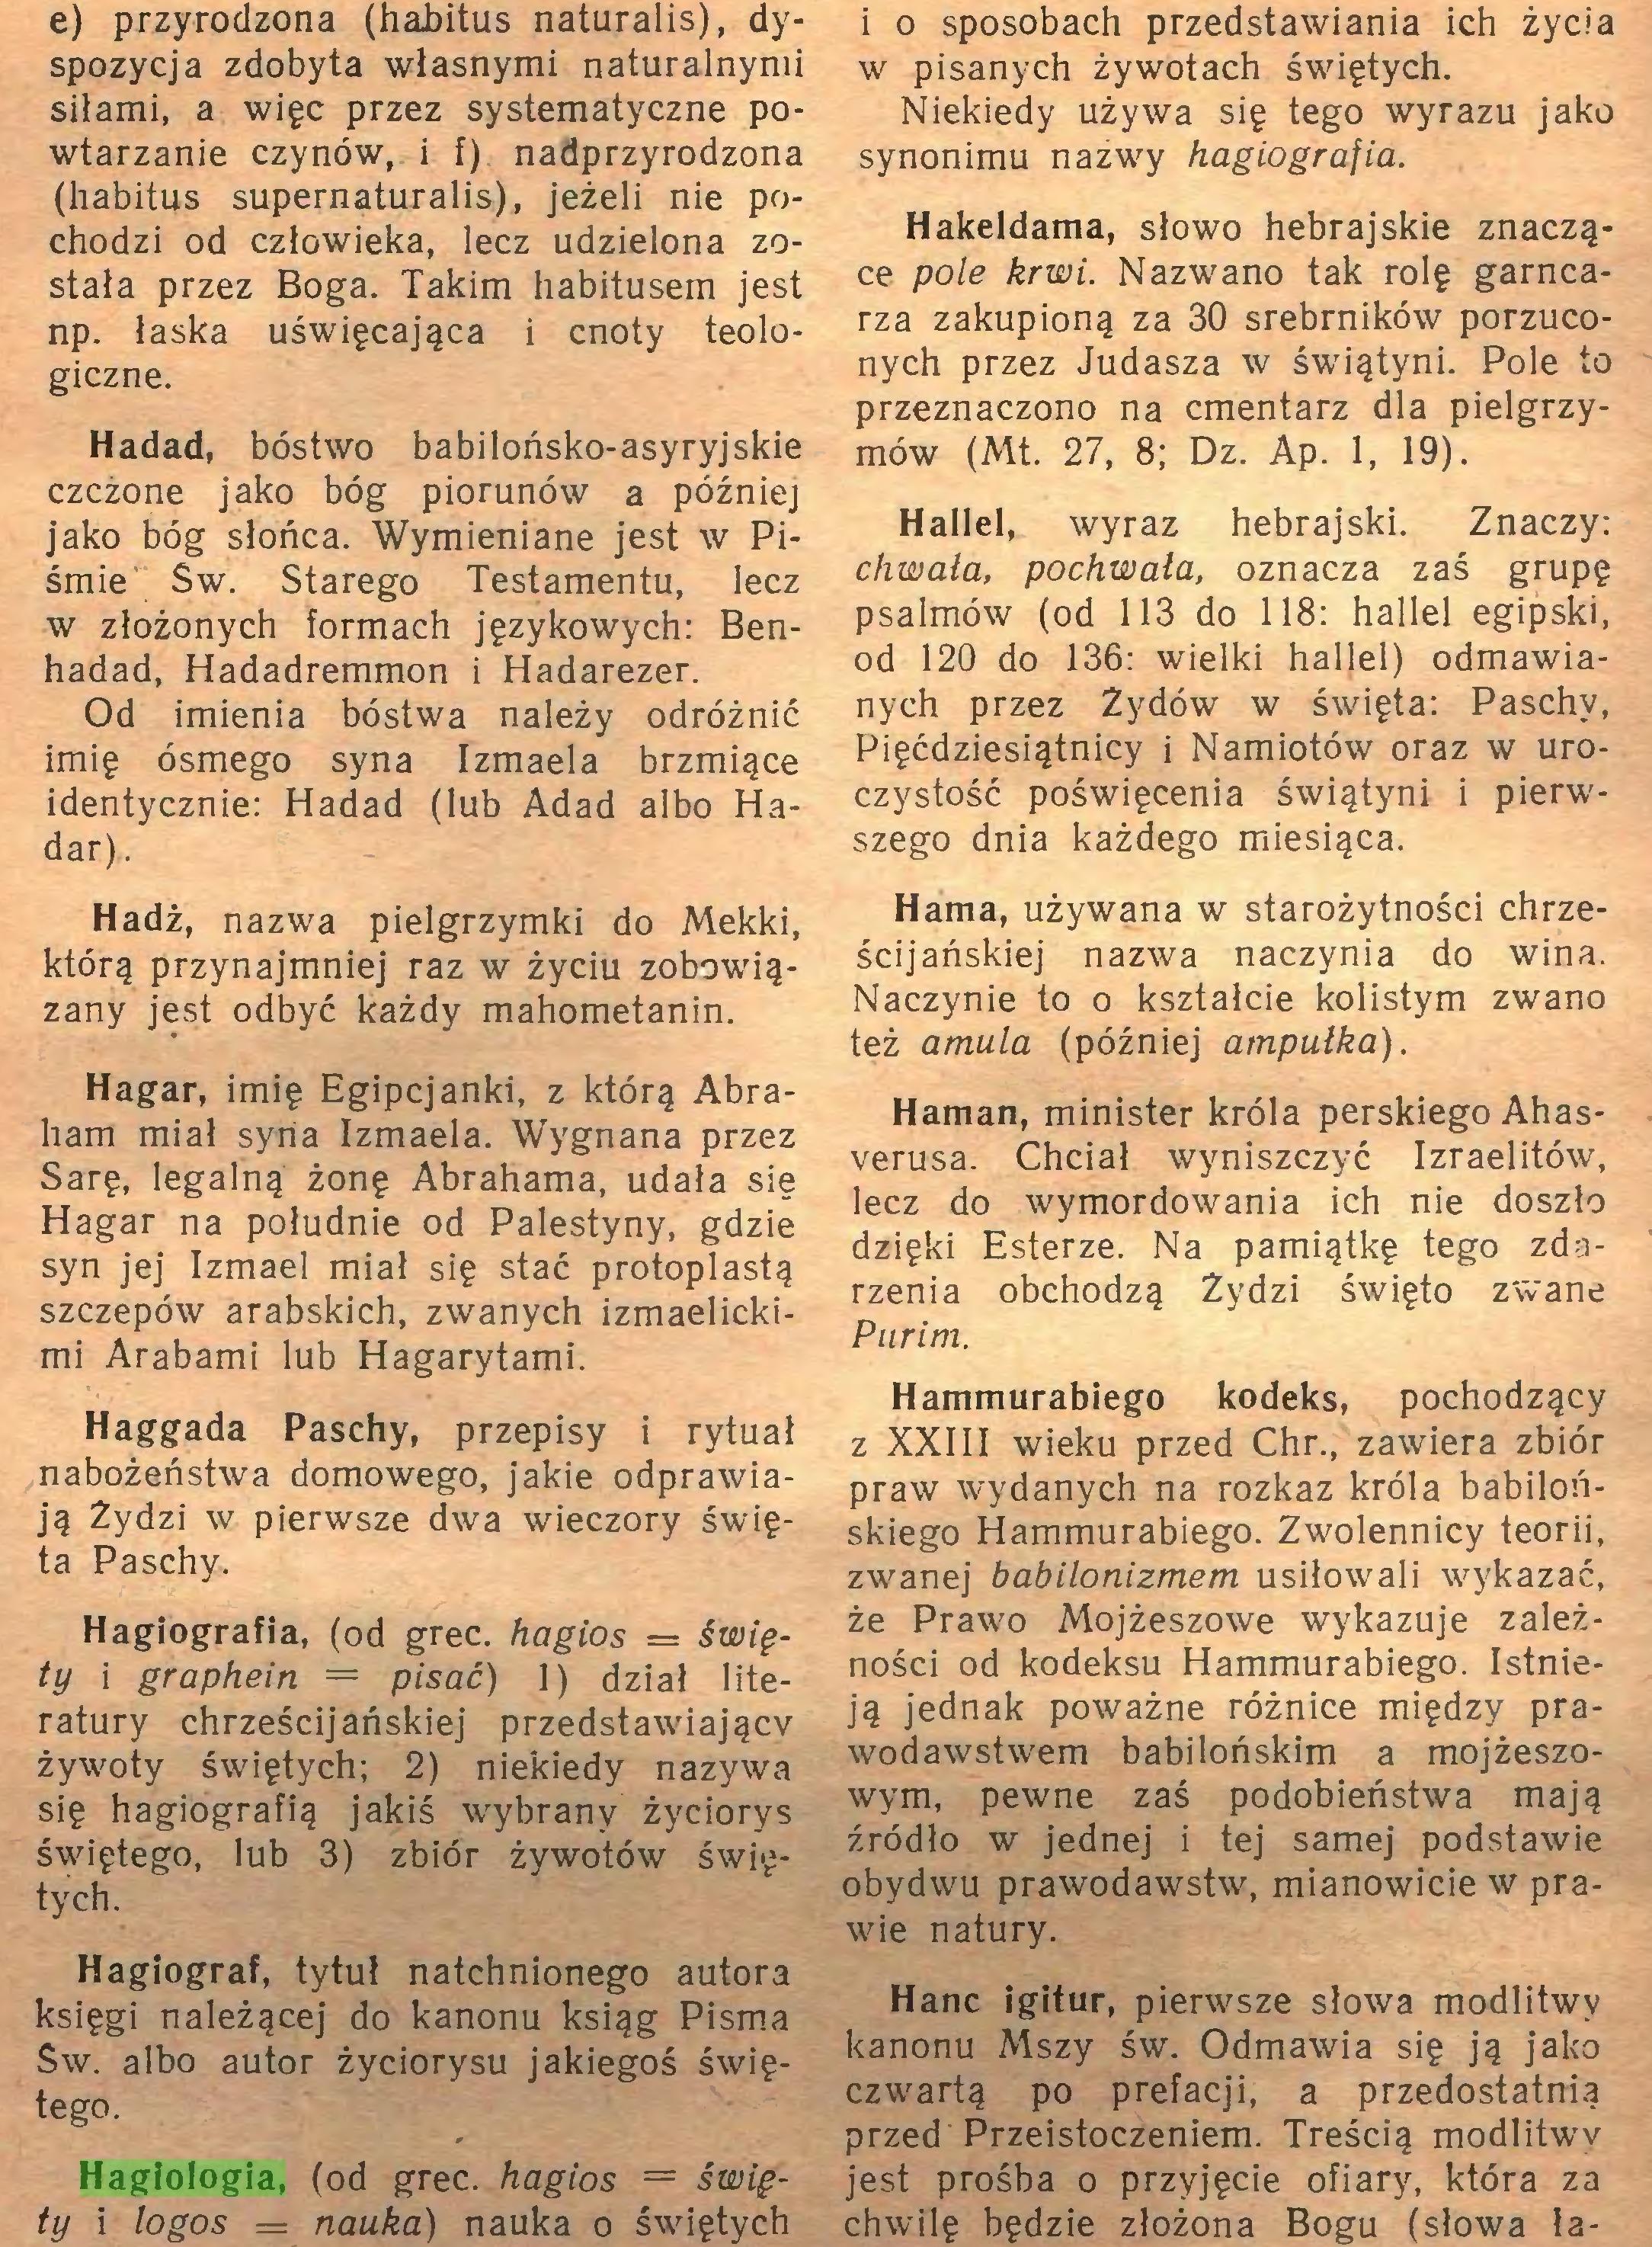 (...) Hagiologia, (od grec. hagios = święty i logos = nauka) nauka o świętych i o sposobach przedstawiania ich życia w pisanych żywotach świętych...